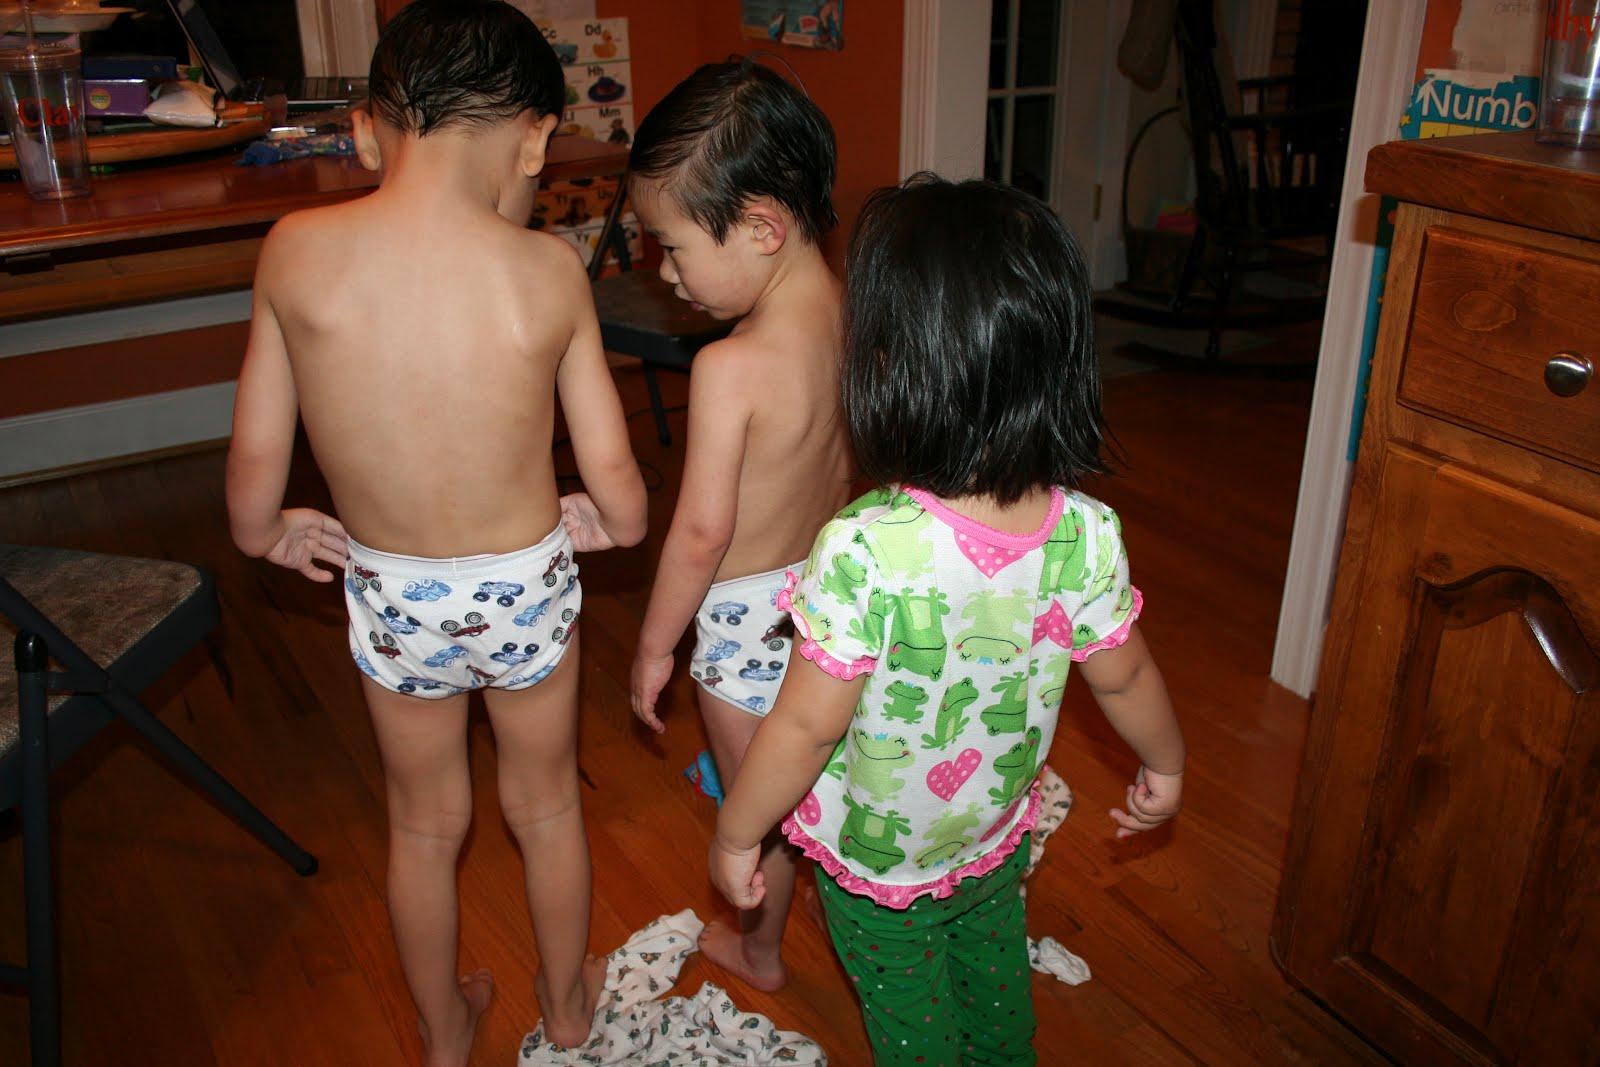 Cute Boys In Their Underwear